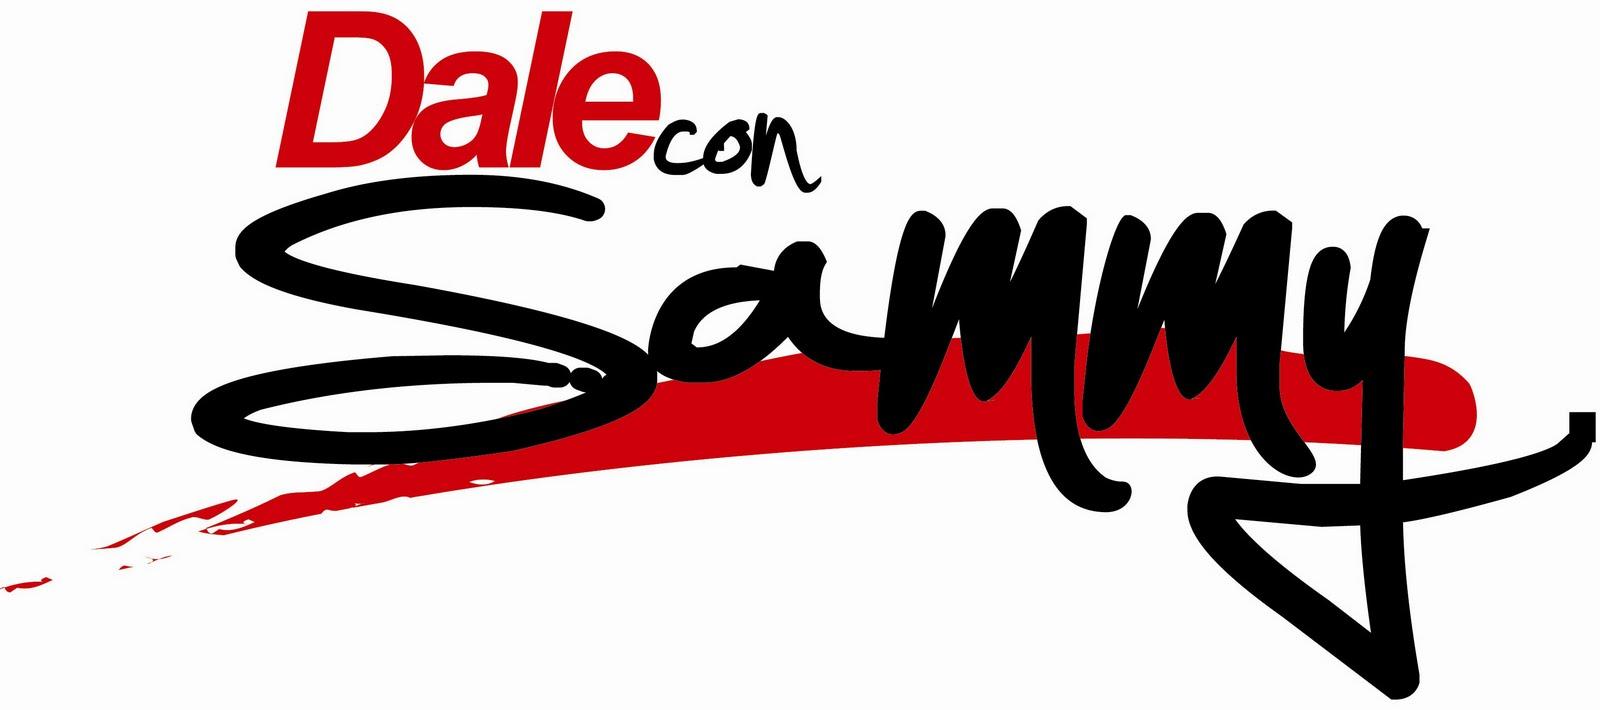 Dale con Samy